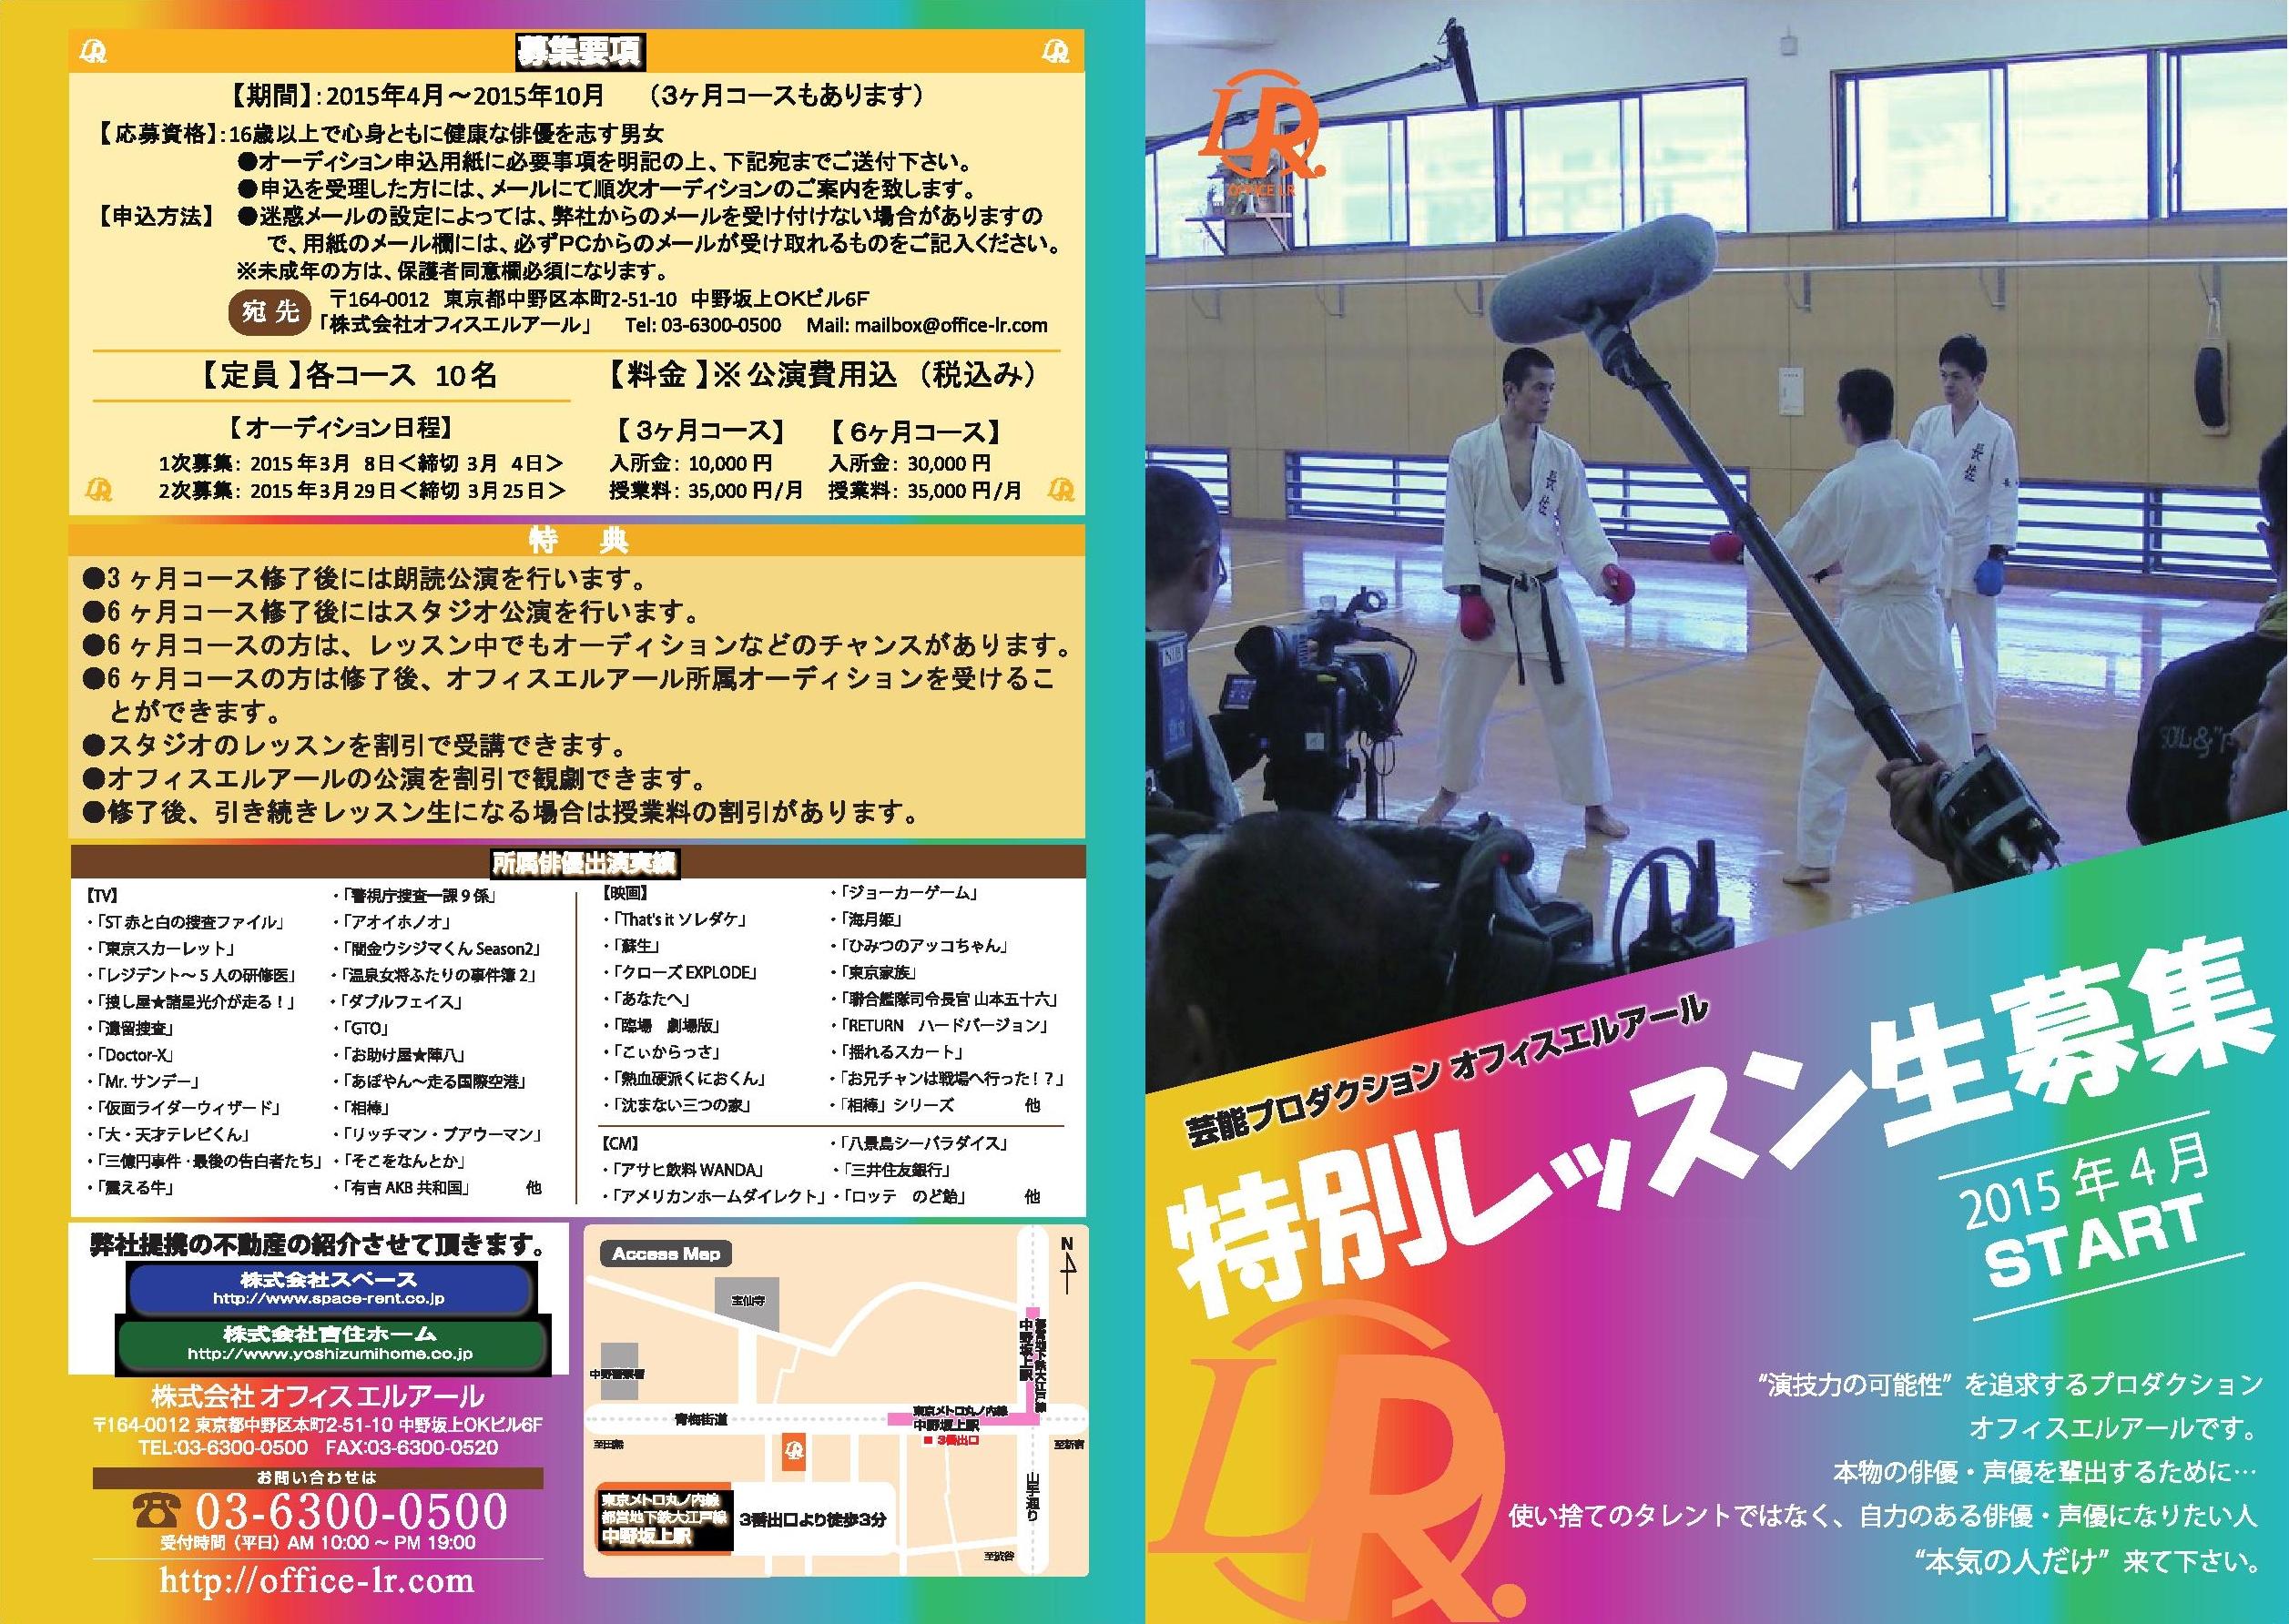 2015特別レッスン生募集ソト